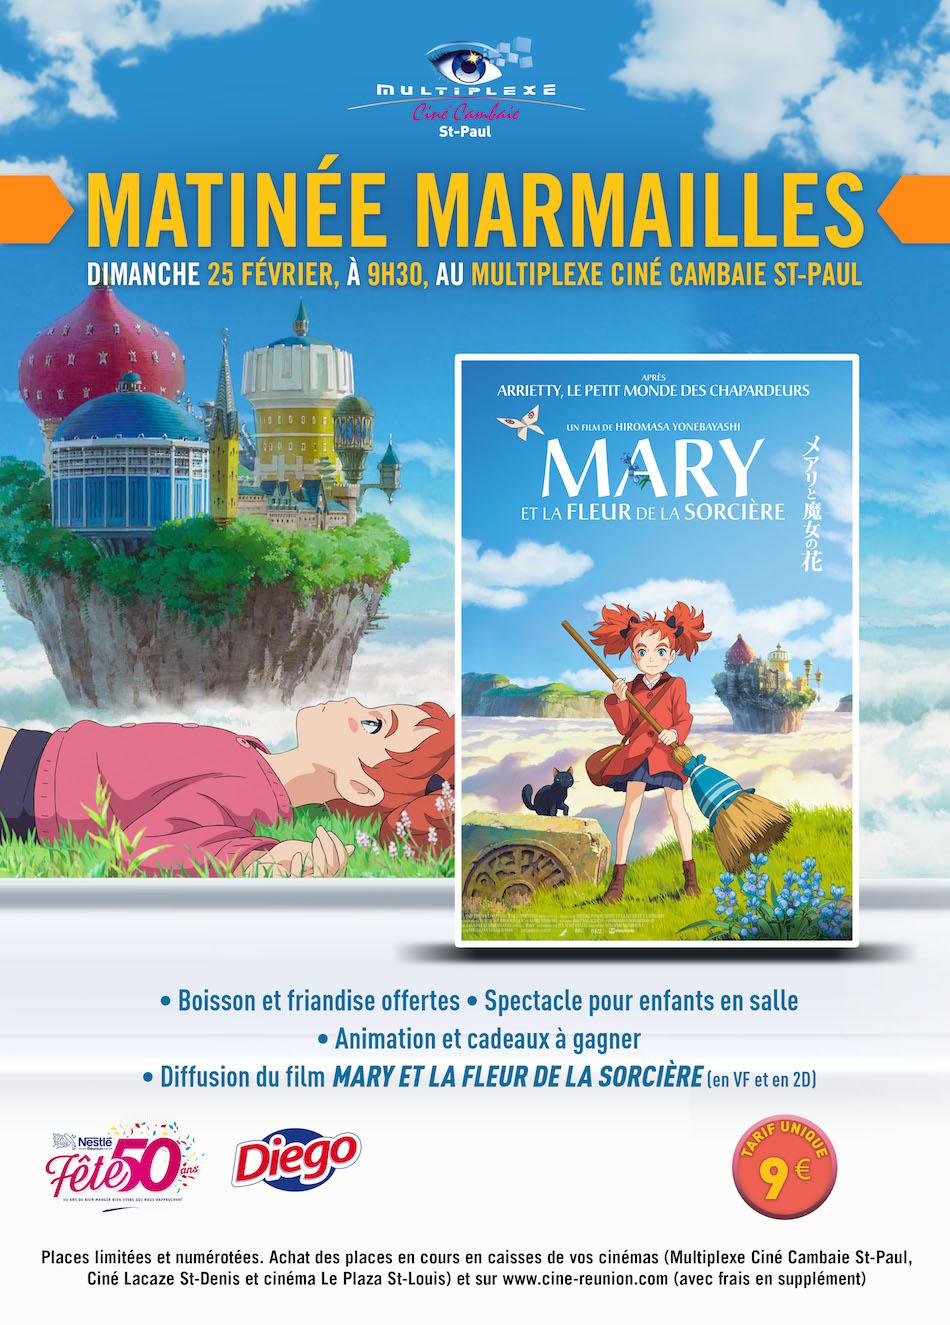 MATINEE MARMAILLES MARY ET LA FLEUR DE SORCIERE